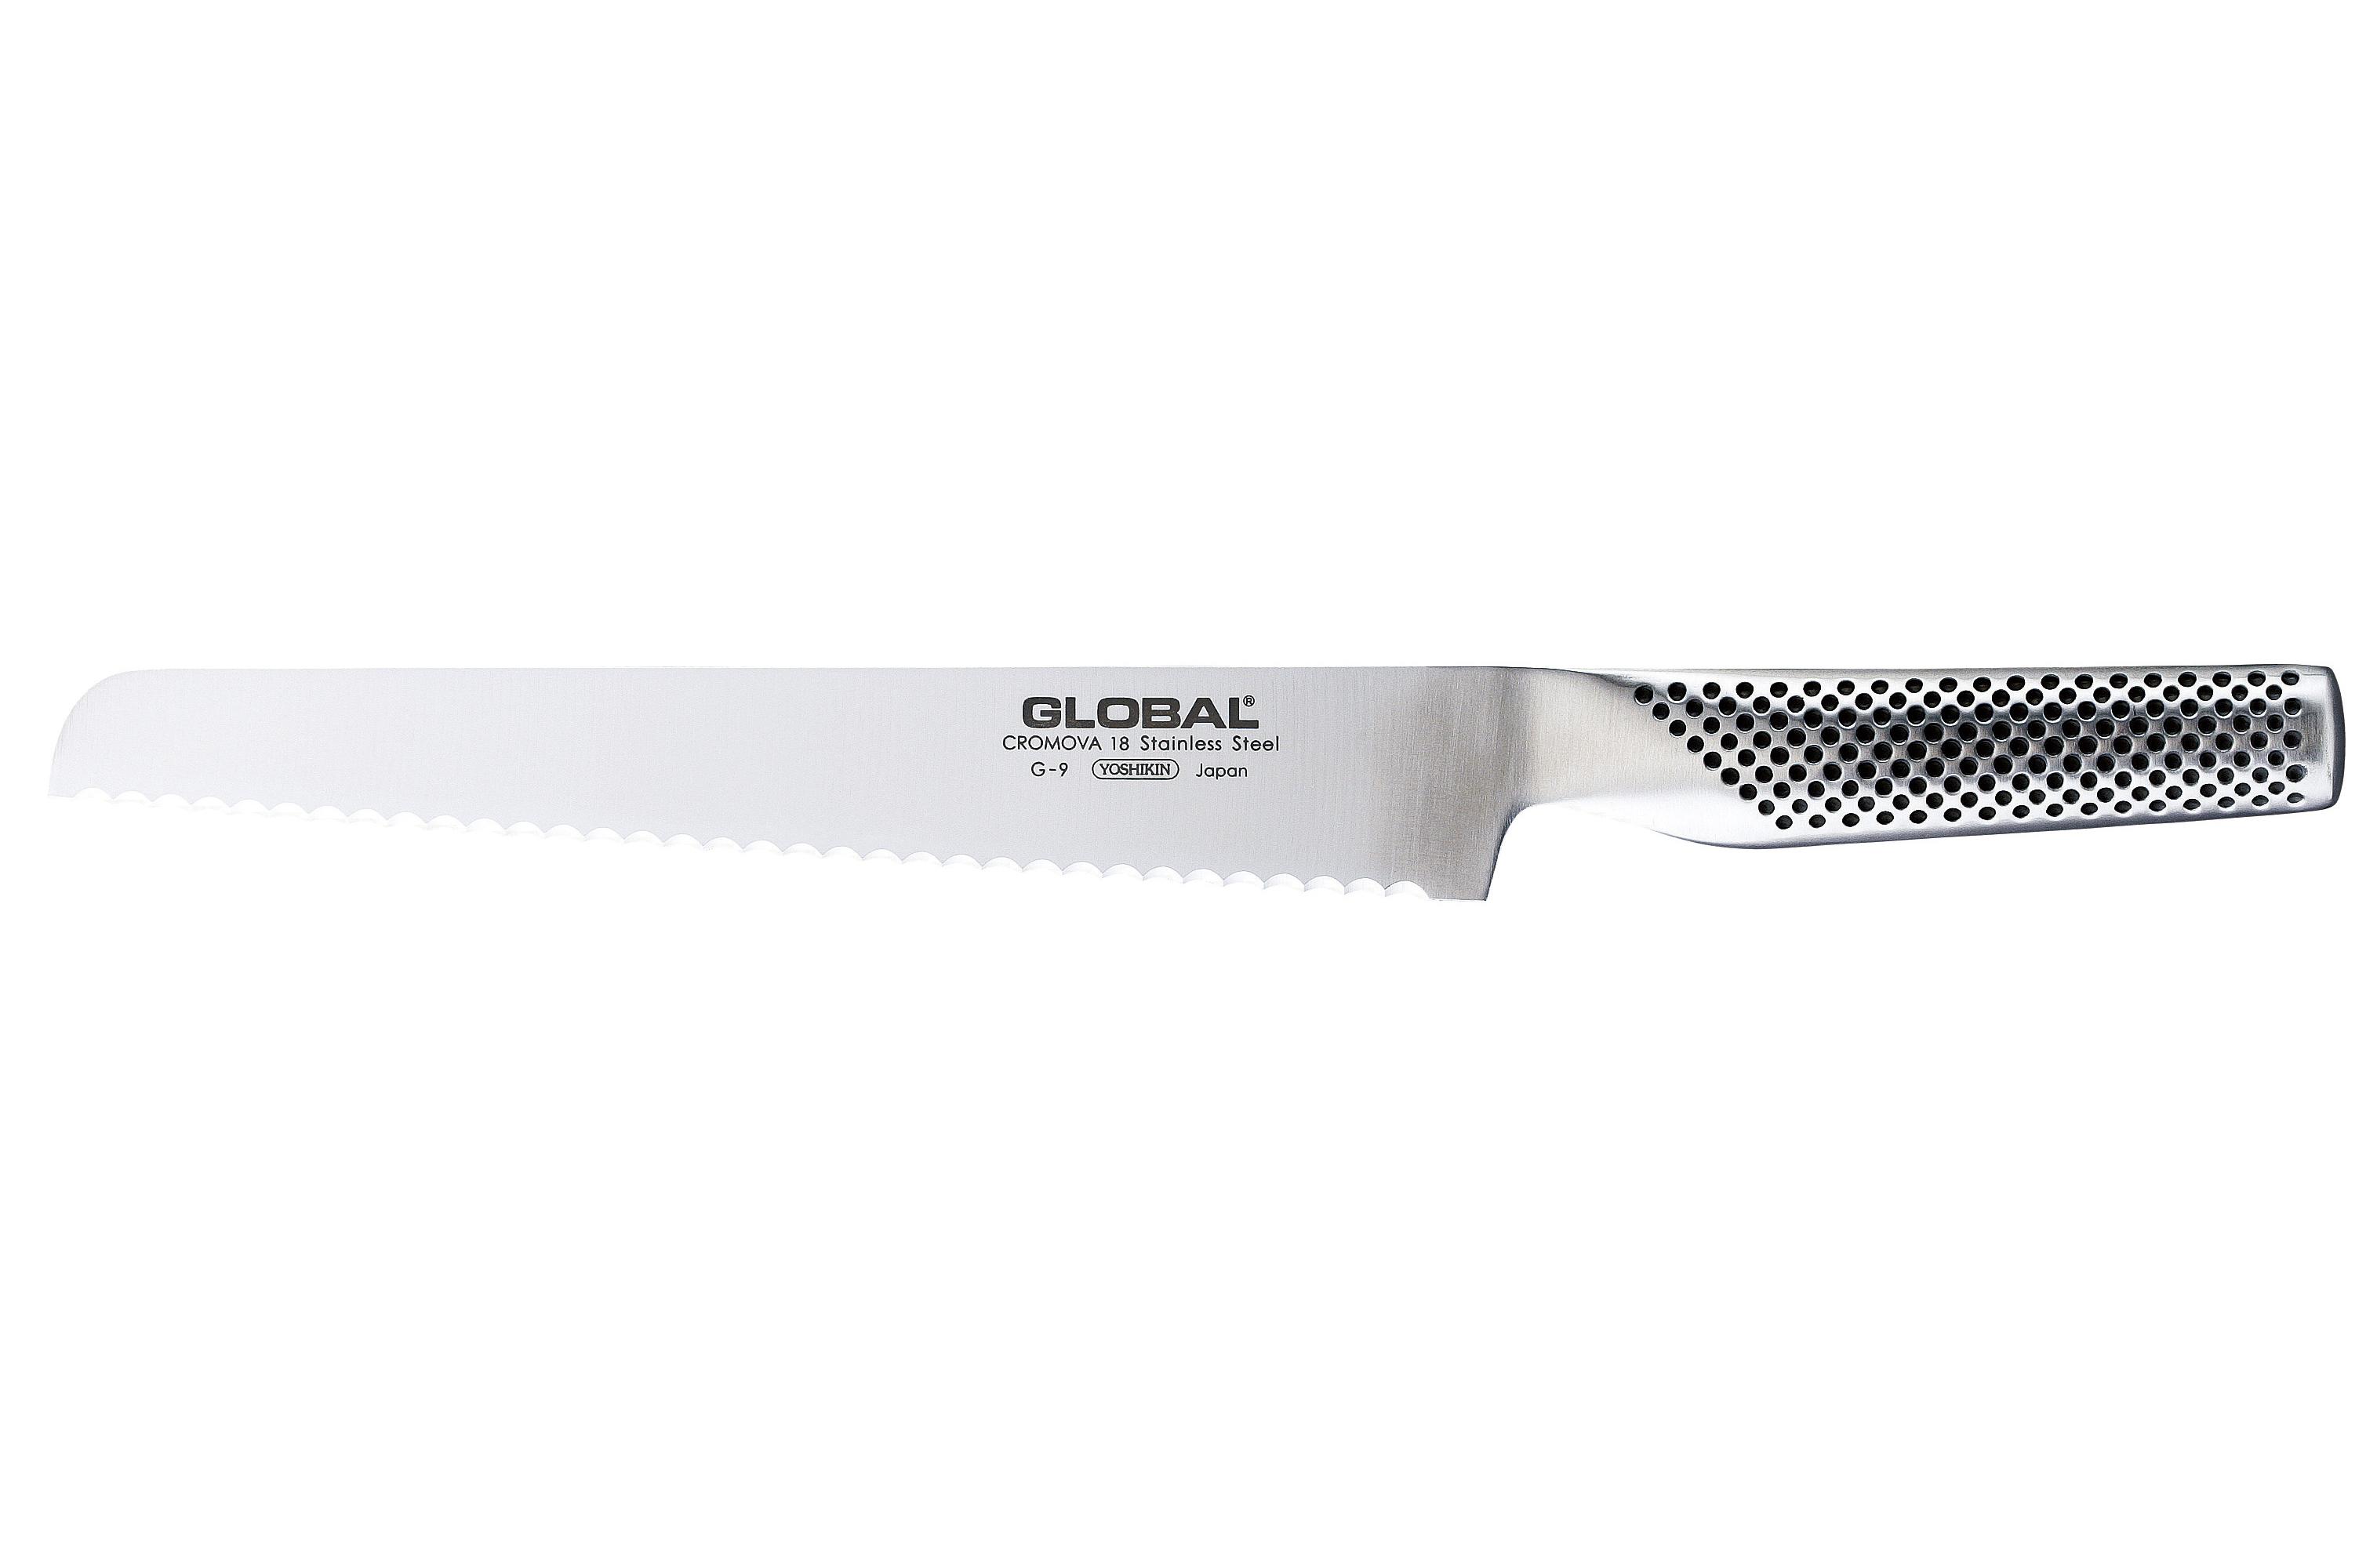 Global G-9 Bread Knife 22cm